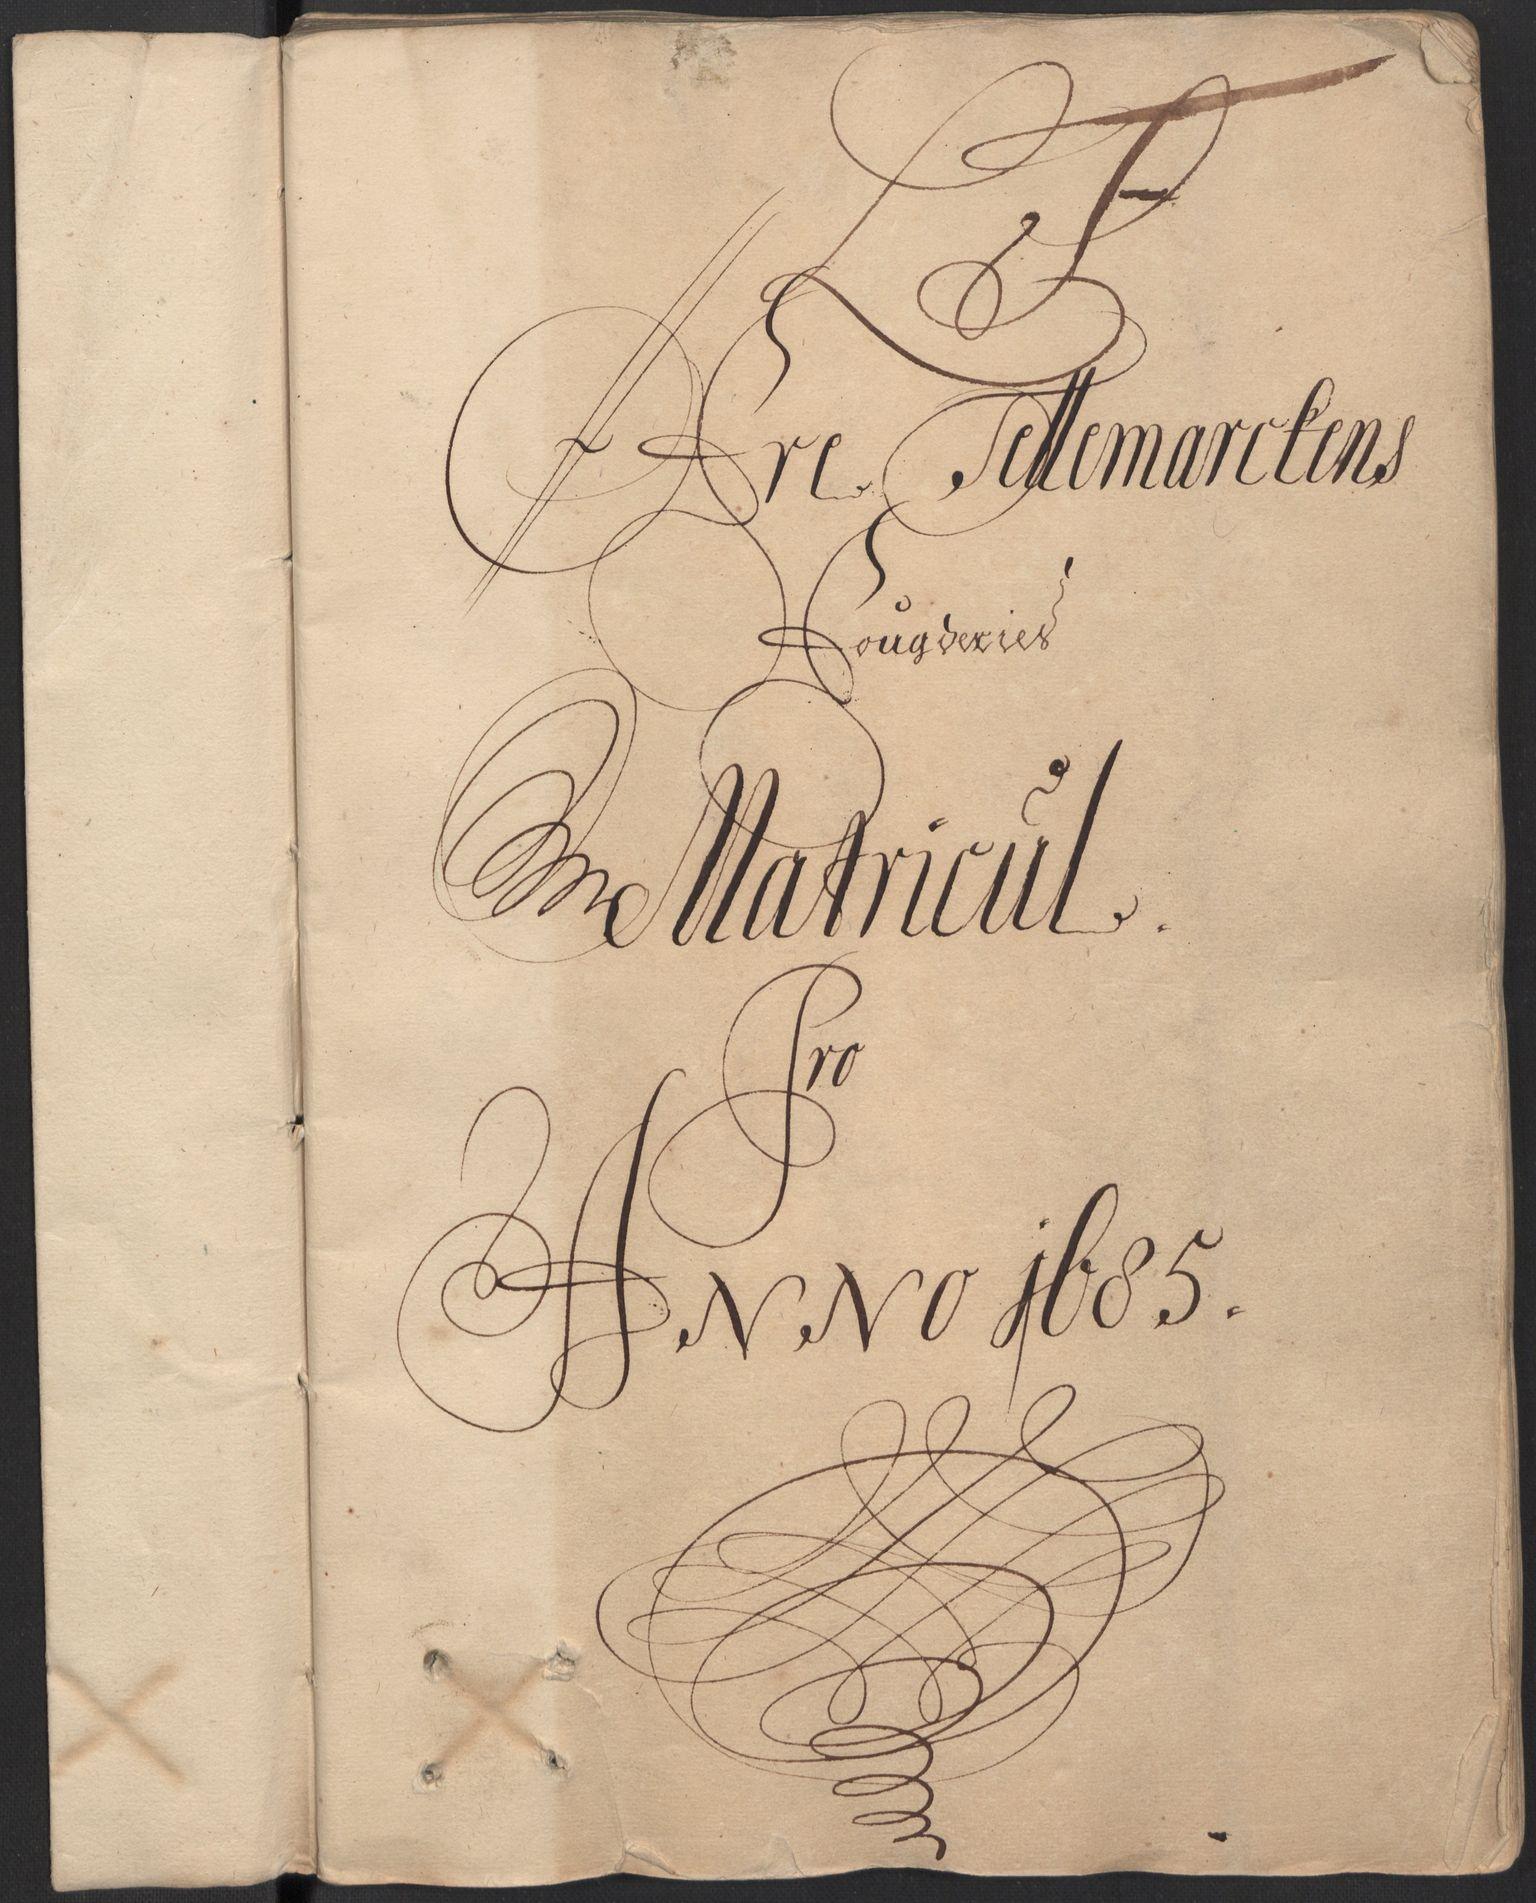 RA, Rentekammeret inntil 1814, Reviderte regnskaper, Fogderegnskap, R35/L2082: Fogderegnskap Øvre og Nedre Telemark, 1685, s. 91